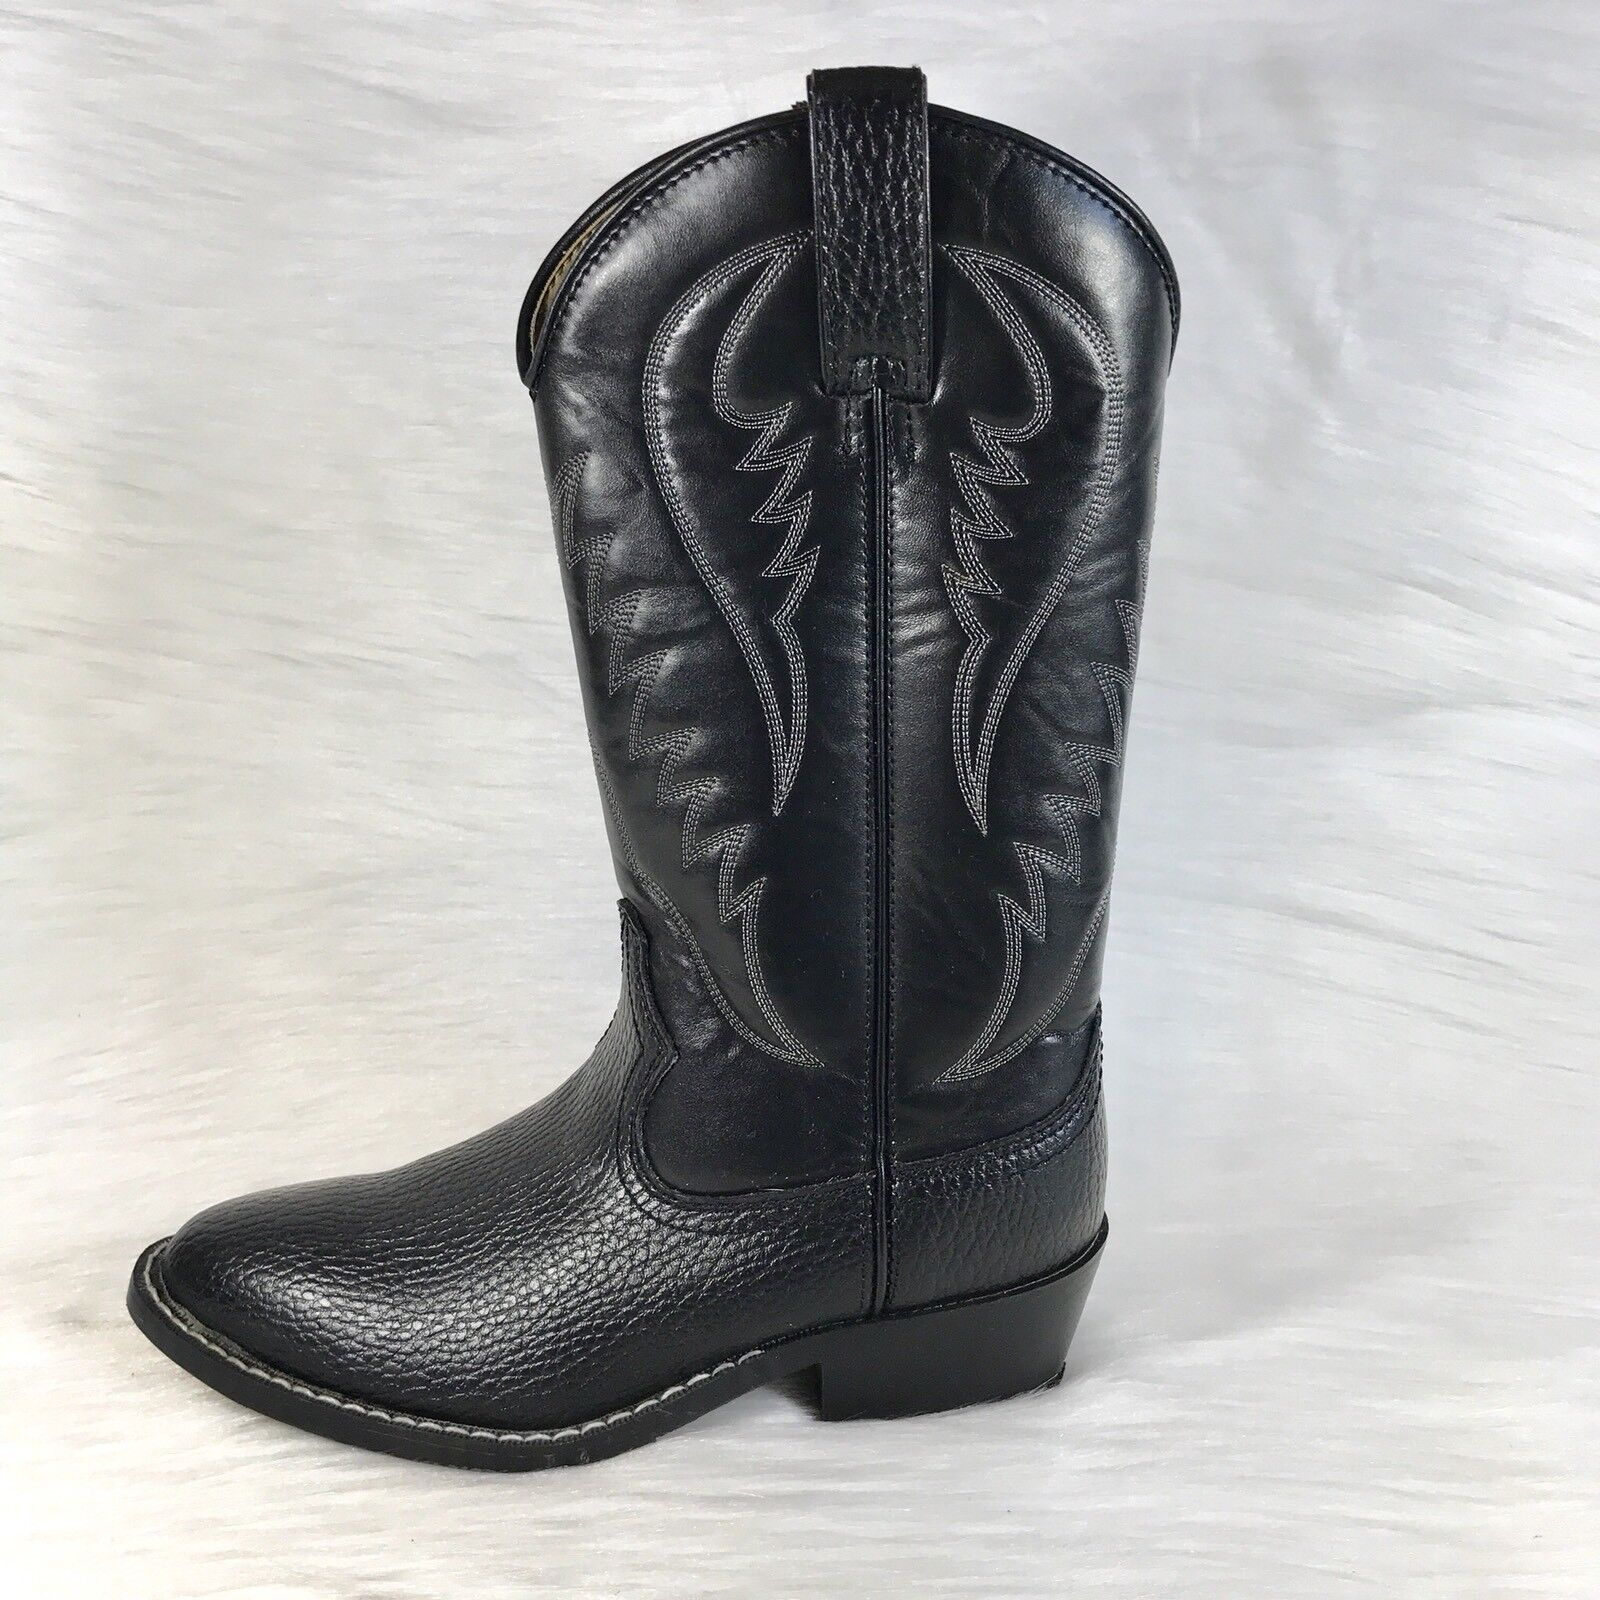 Express Rider para hombre botas De Vaquero Trivette Imitación Negro occidental de cuero